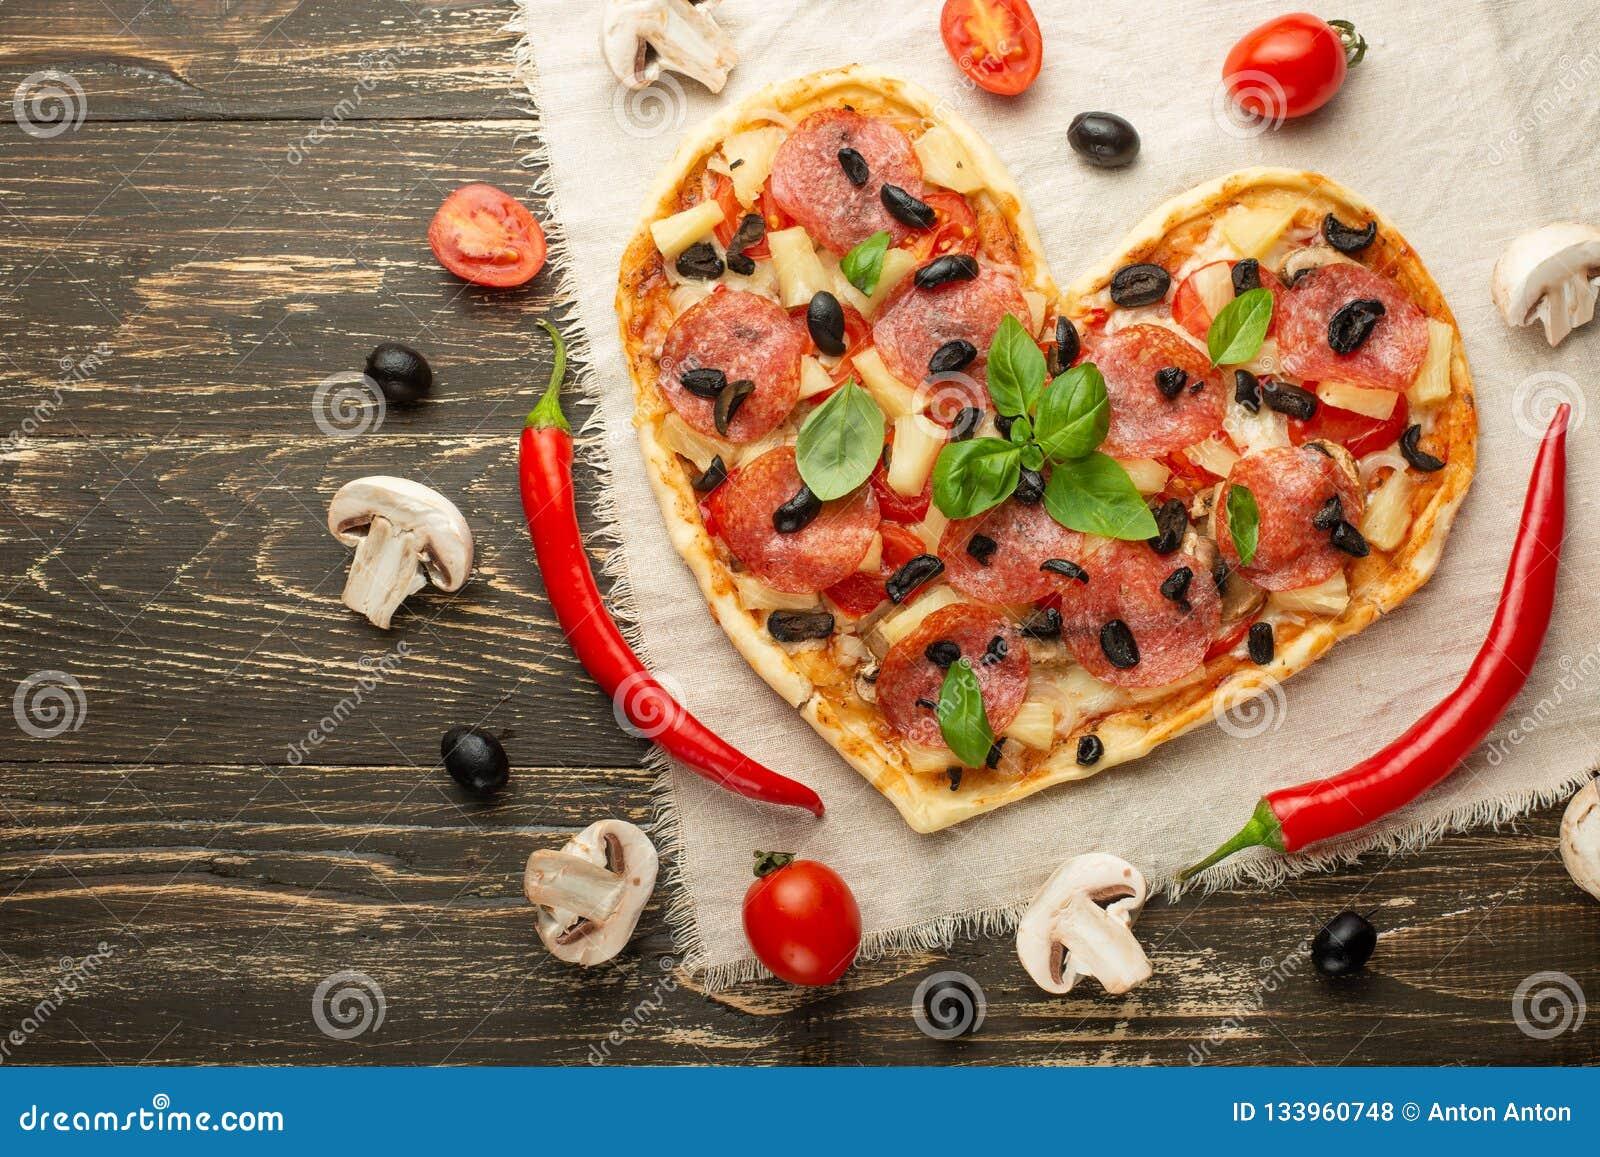 Pizza en forme de coeur, Saint-Valentin Avec des légumes Un concept de nourriture savoureuse et saine avec amour Libre-configurat